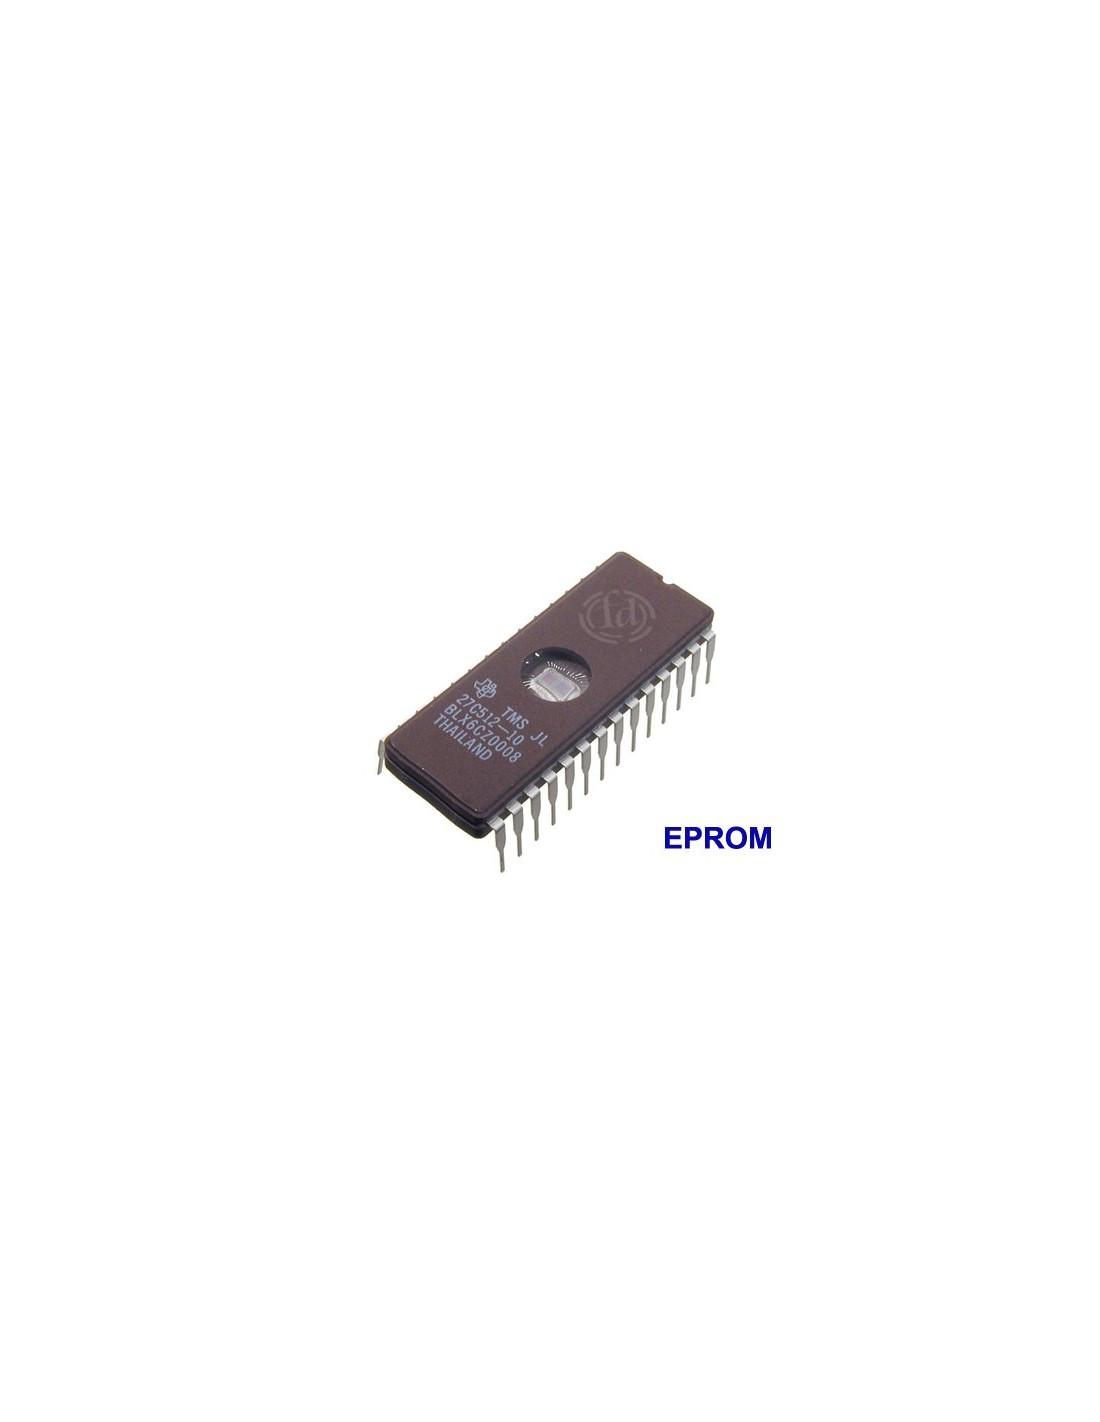 New programmed M27C256B EPROM